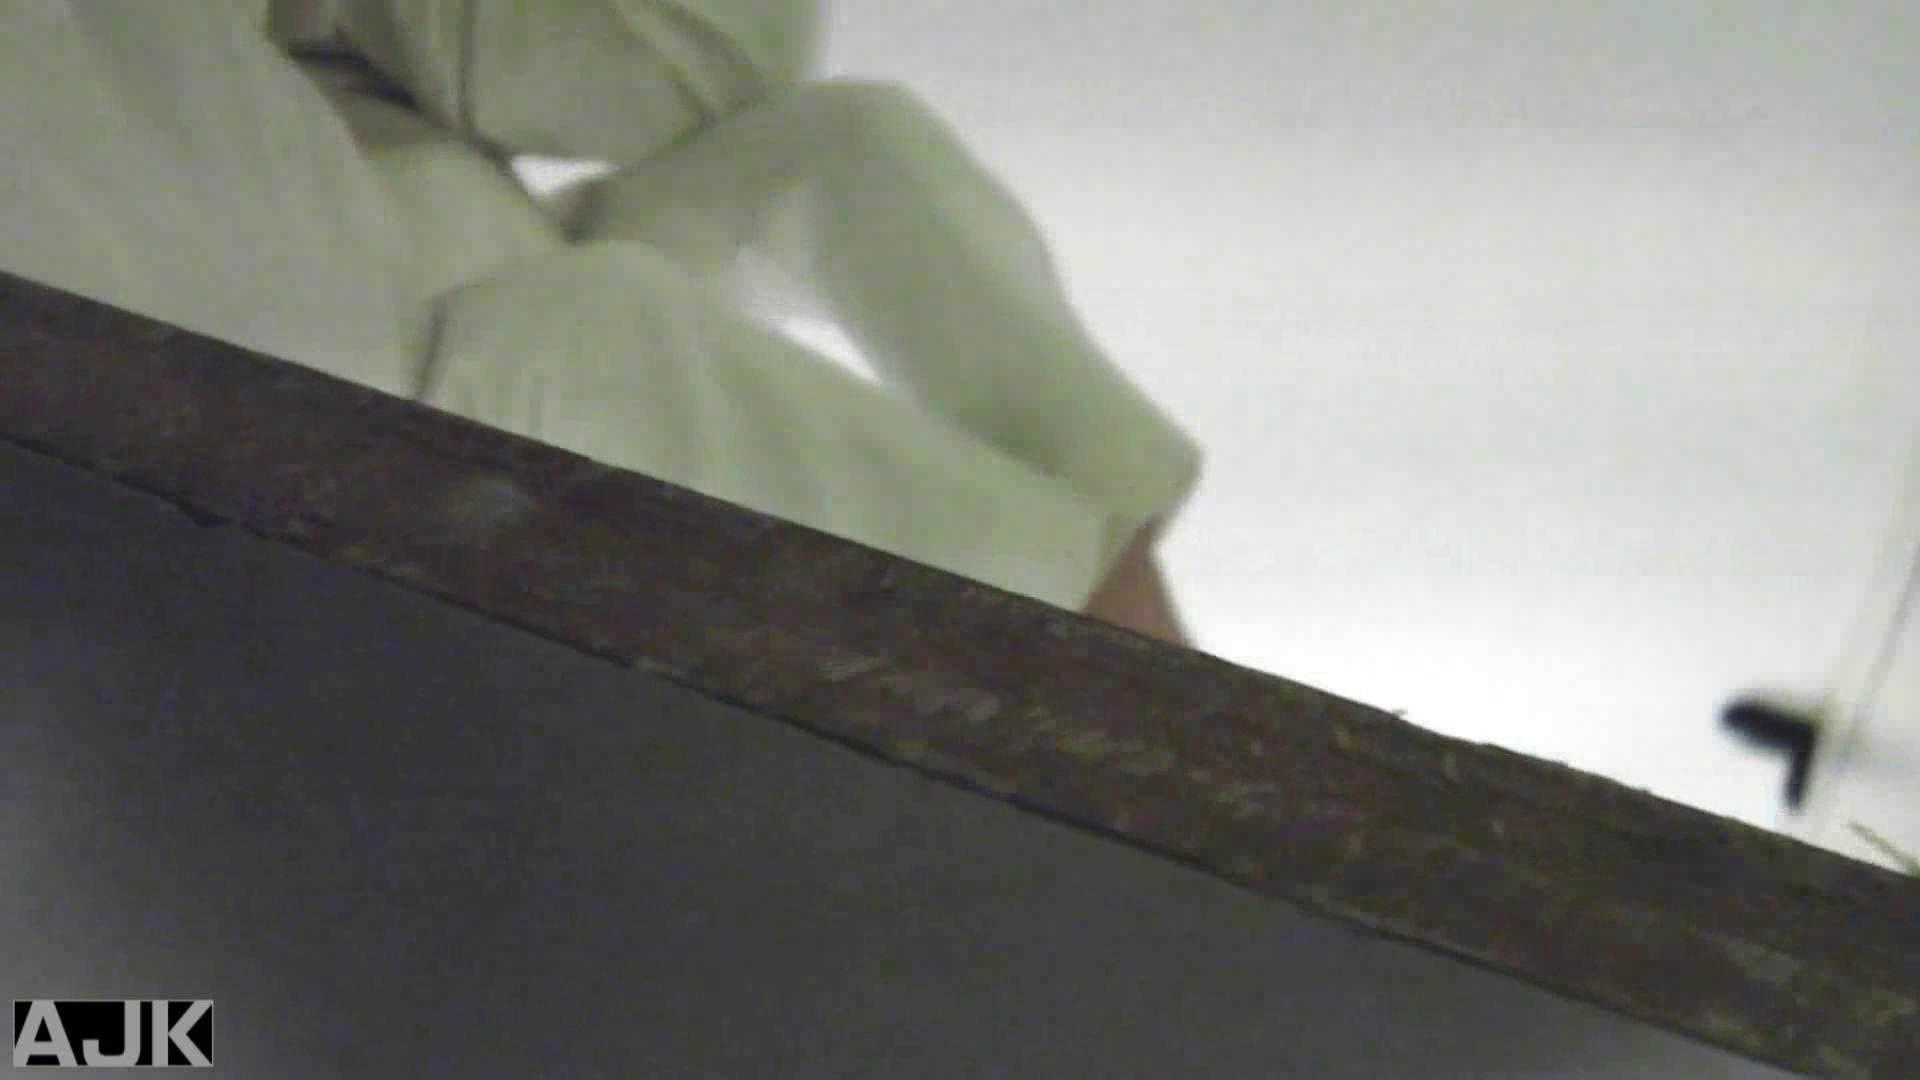 隣国上階級エリアの令嬢たちが集うデパートお手洗い Vol.29 おまんこ オマンコ動画キャプチャ 108枚 65